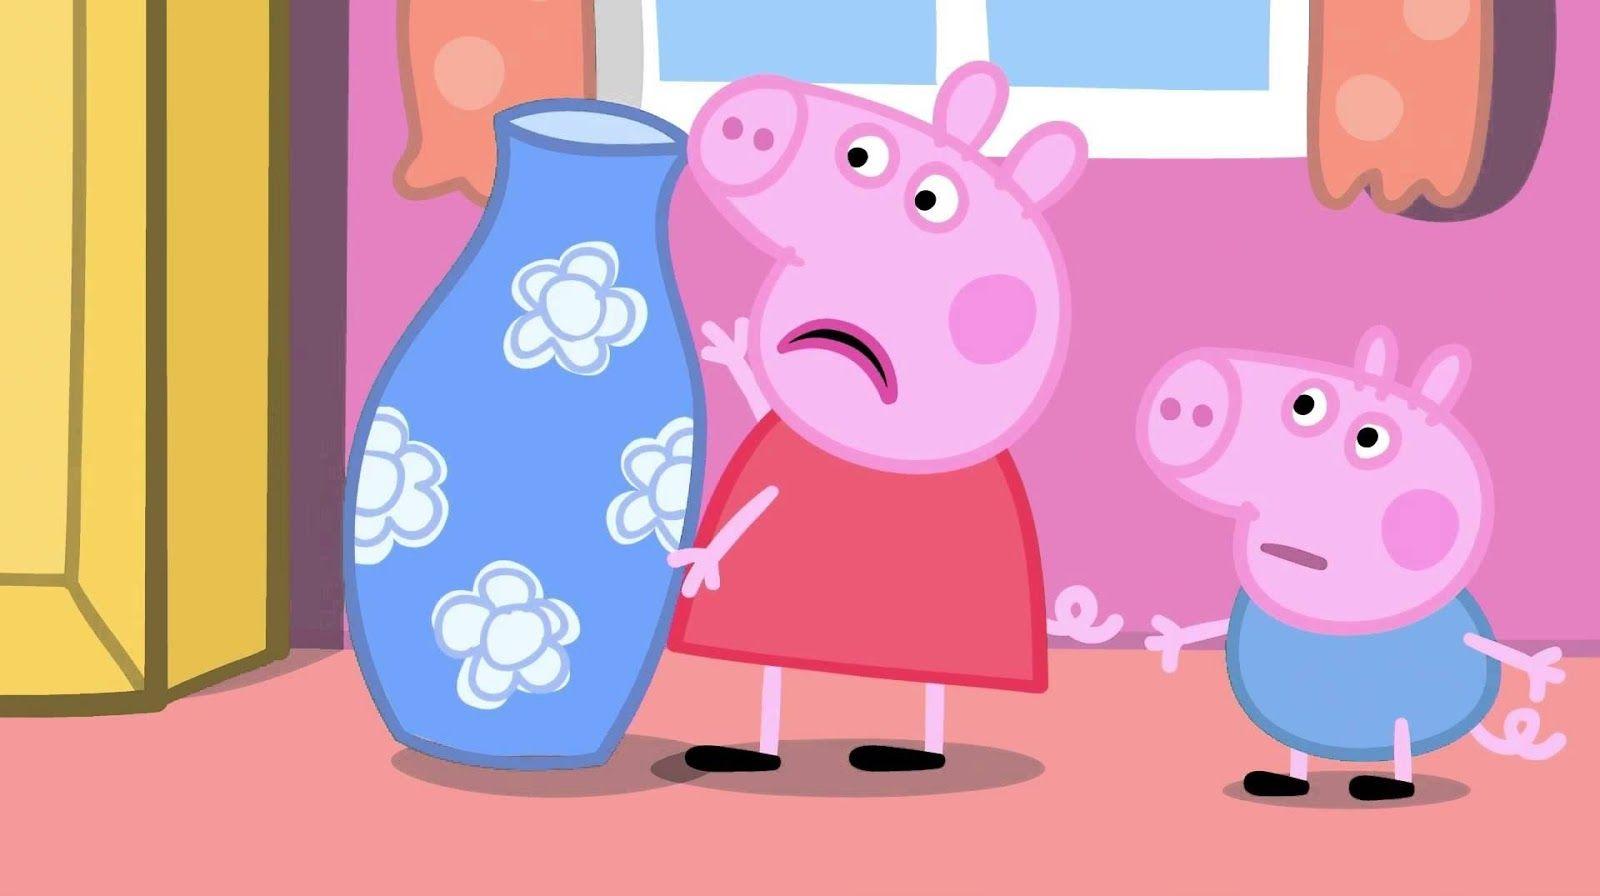 Disney HD Wallpapers: Peppa Pig Cartoon HD Wallpapers